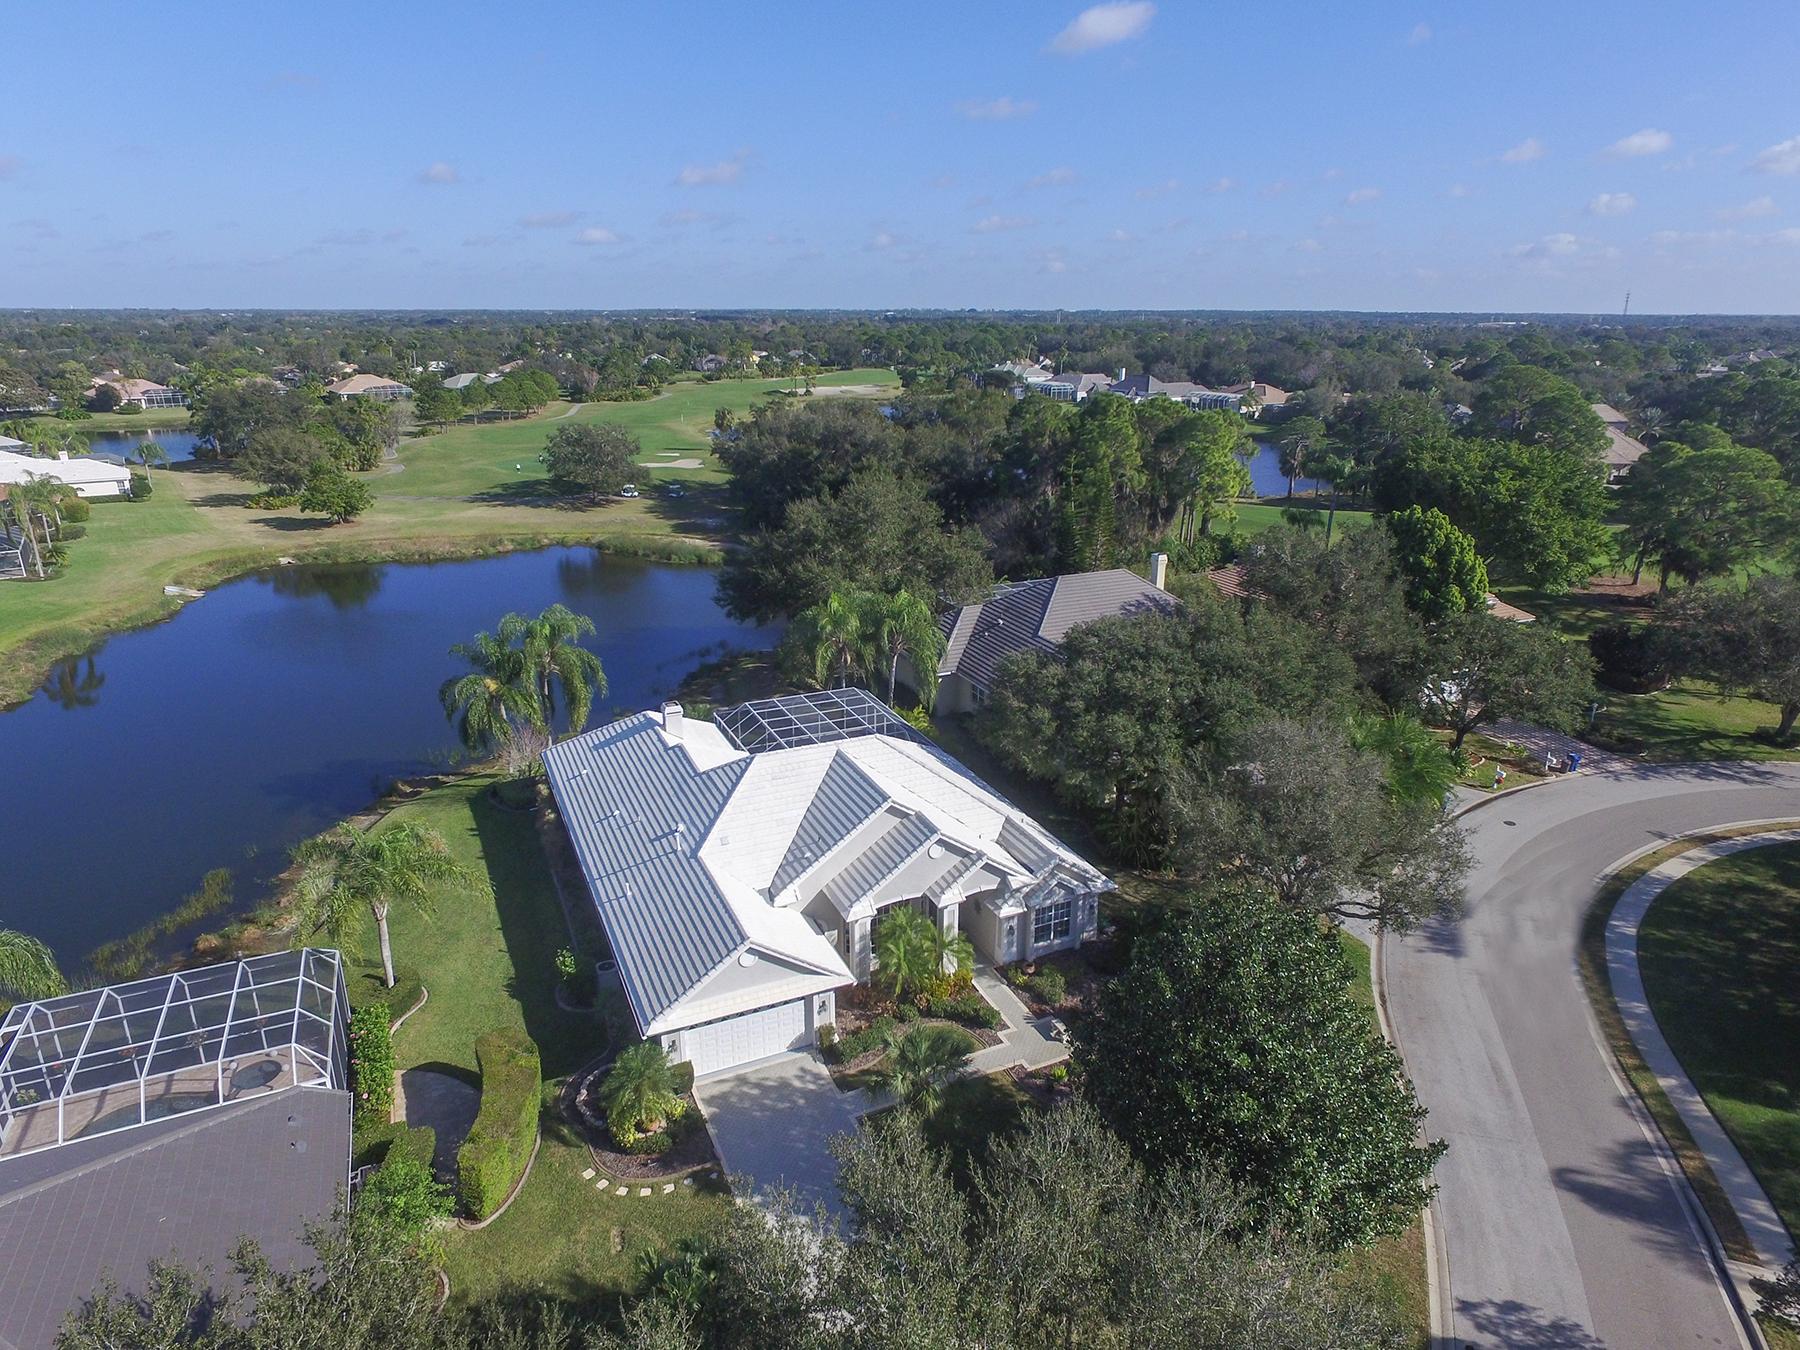 独户住宅 为 销售 在 UNIVERSITY PARK COUNTRY CLUB 7503 Eaton Ct University Park, 佛罗里达州, 34201 美国